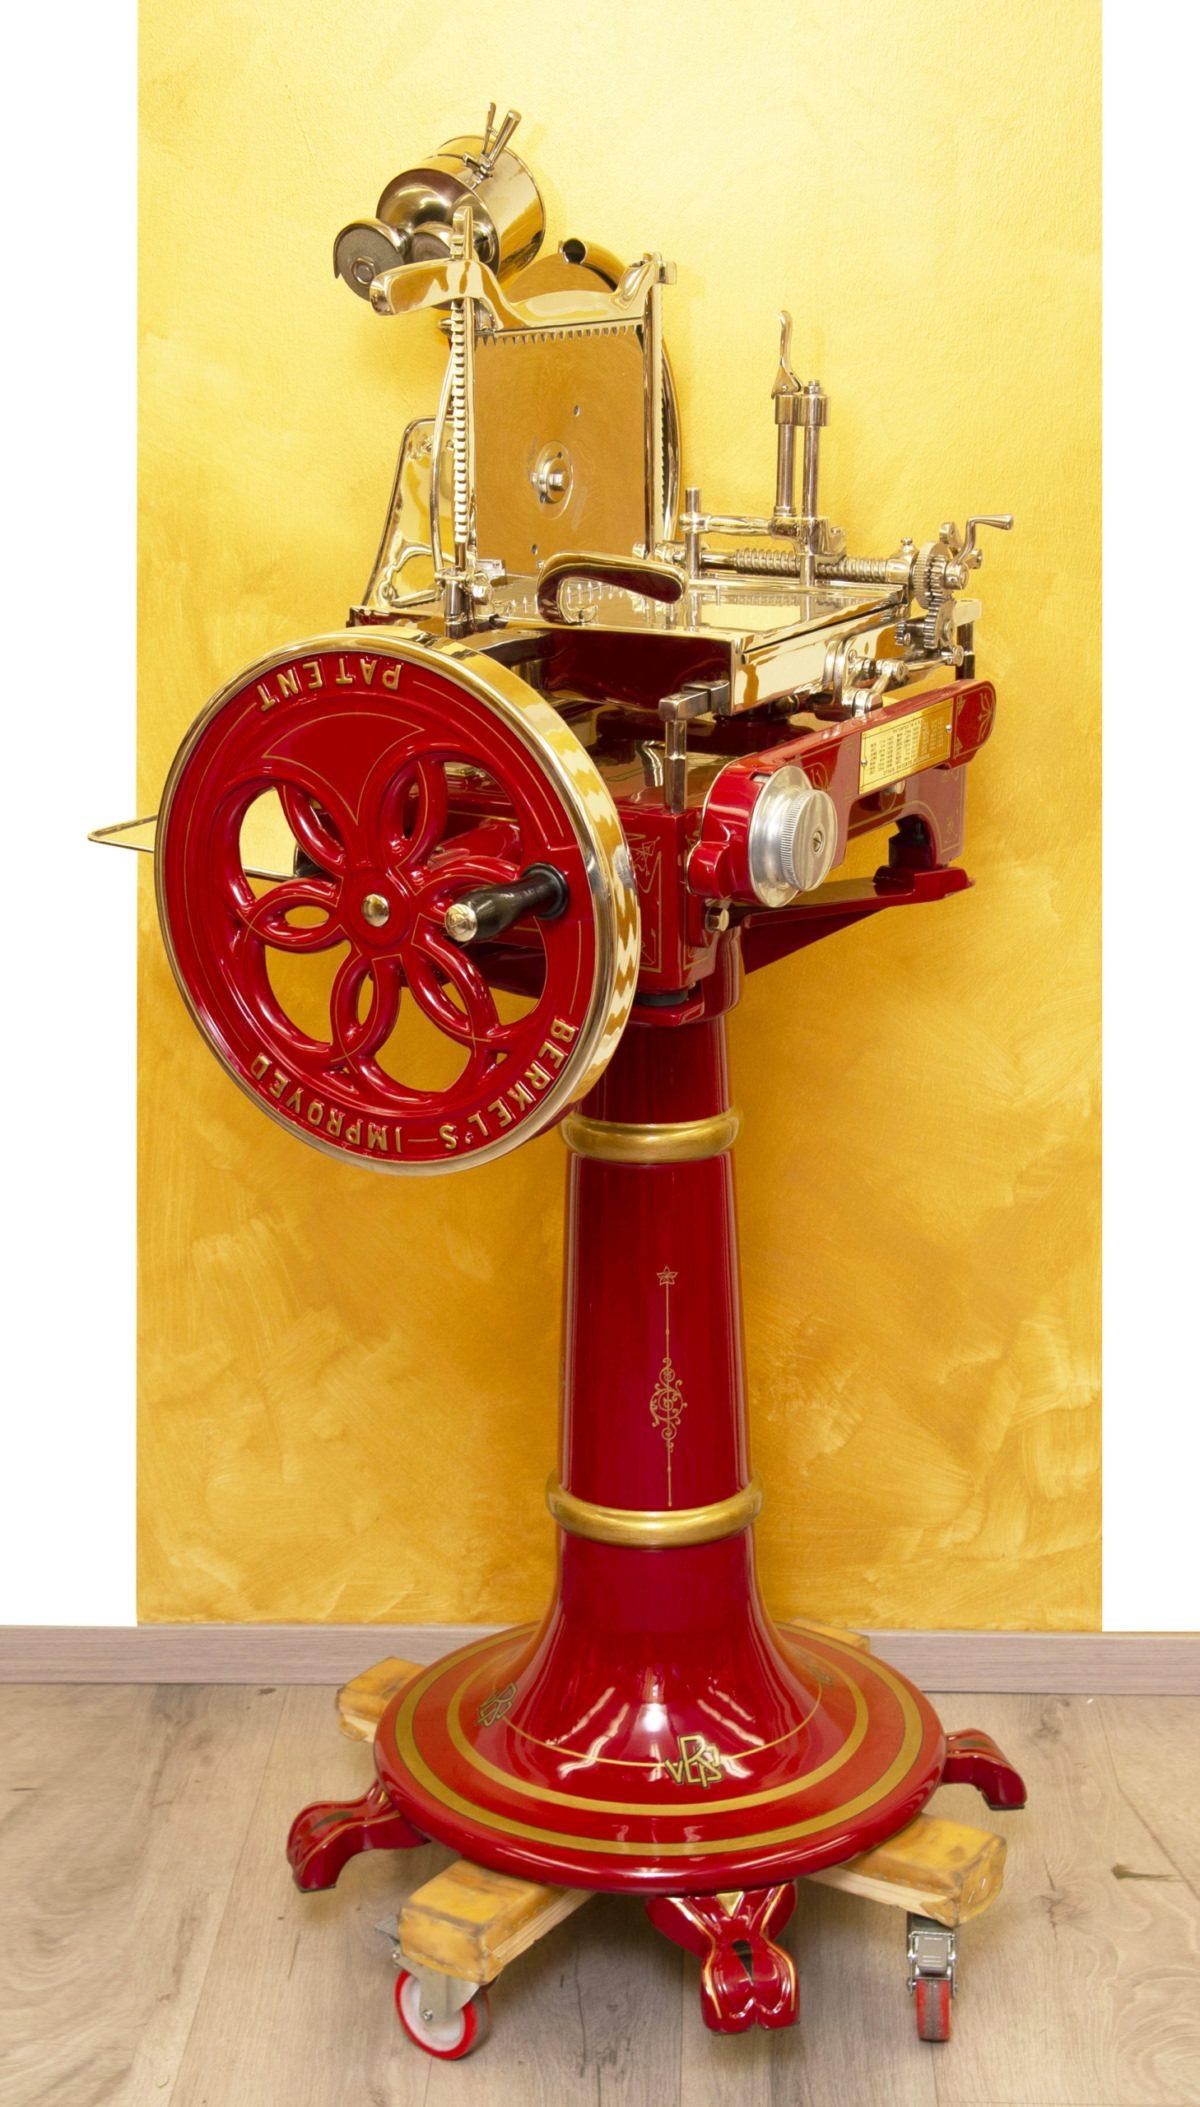 U.S. Slicer Berkel model 70 red